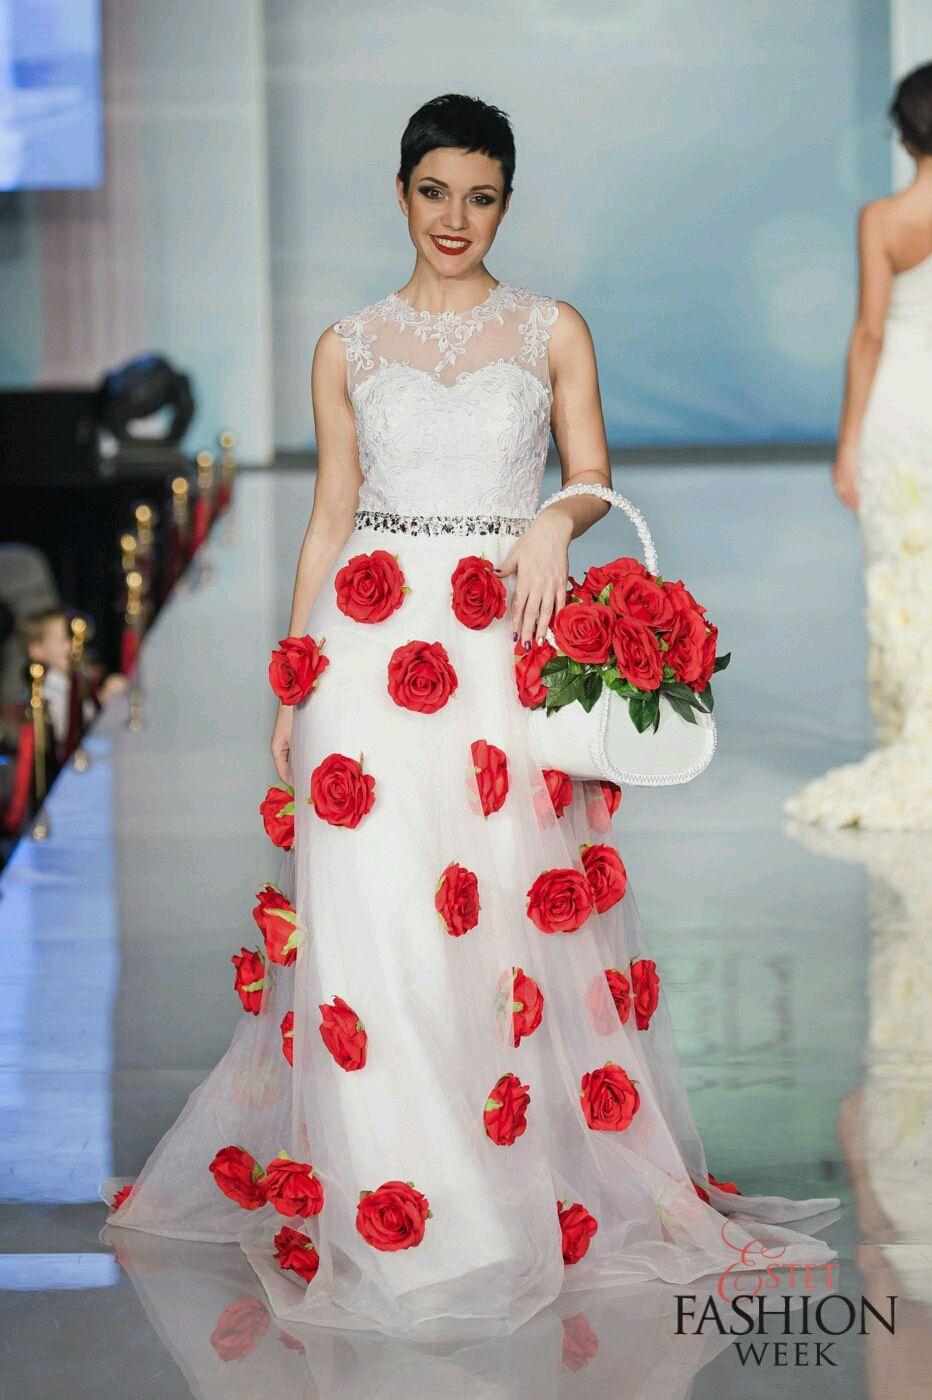 Декор свадебного платья красными розочками фото